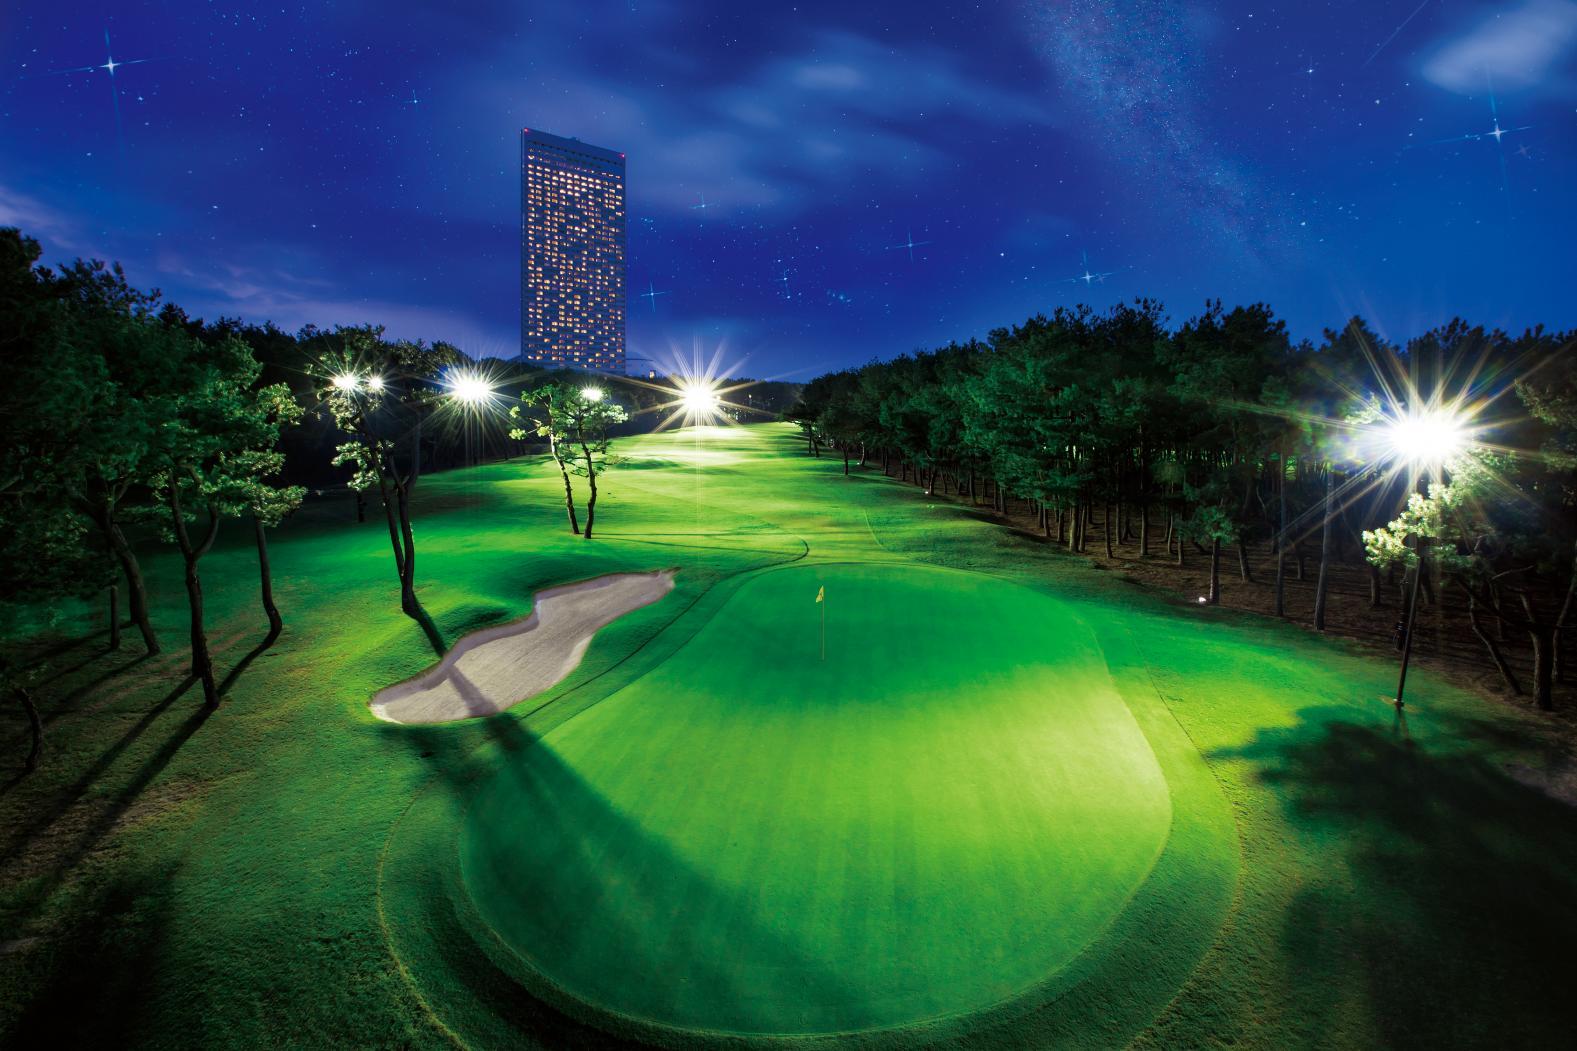 ナイトゴルフ-1